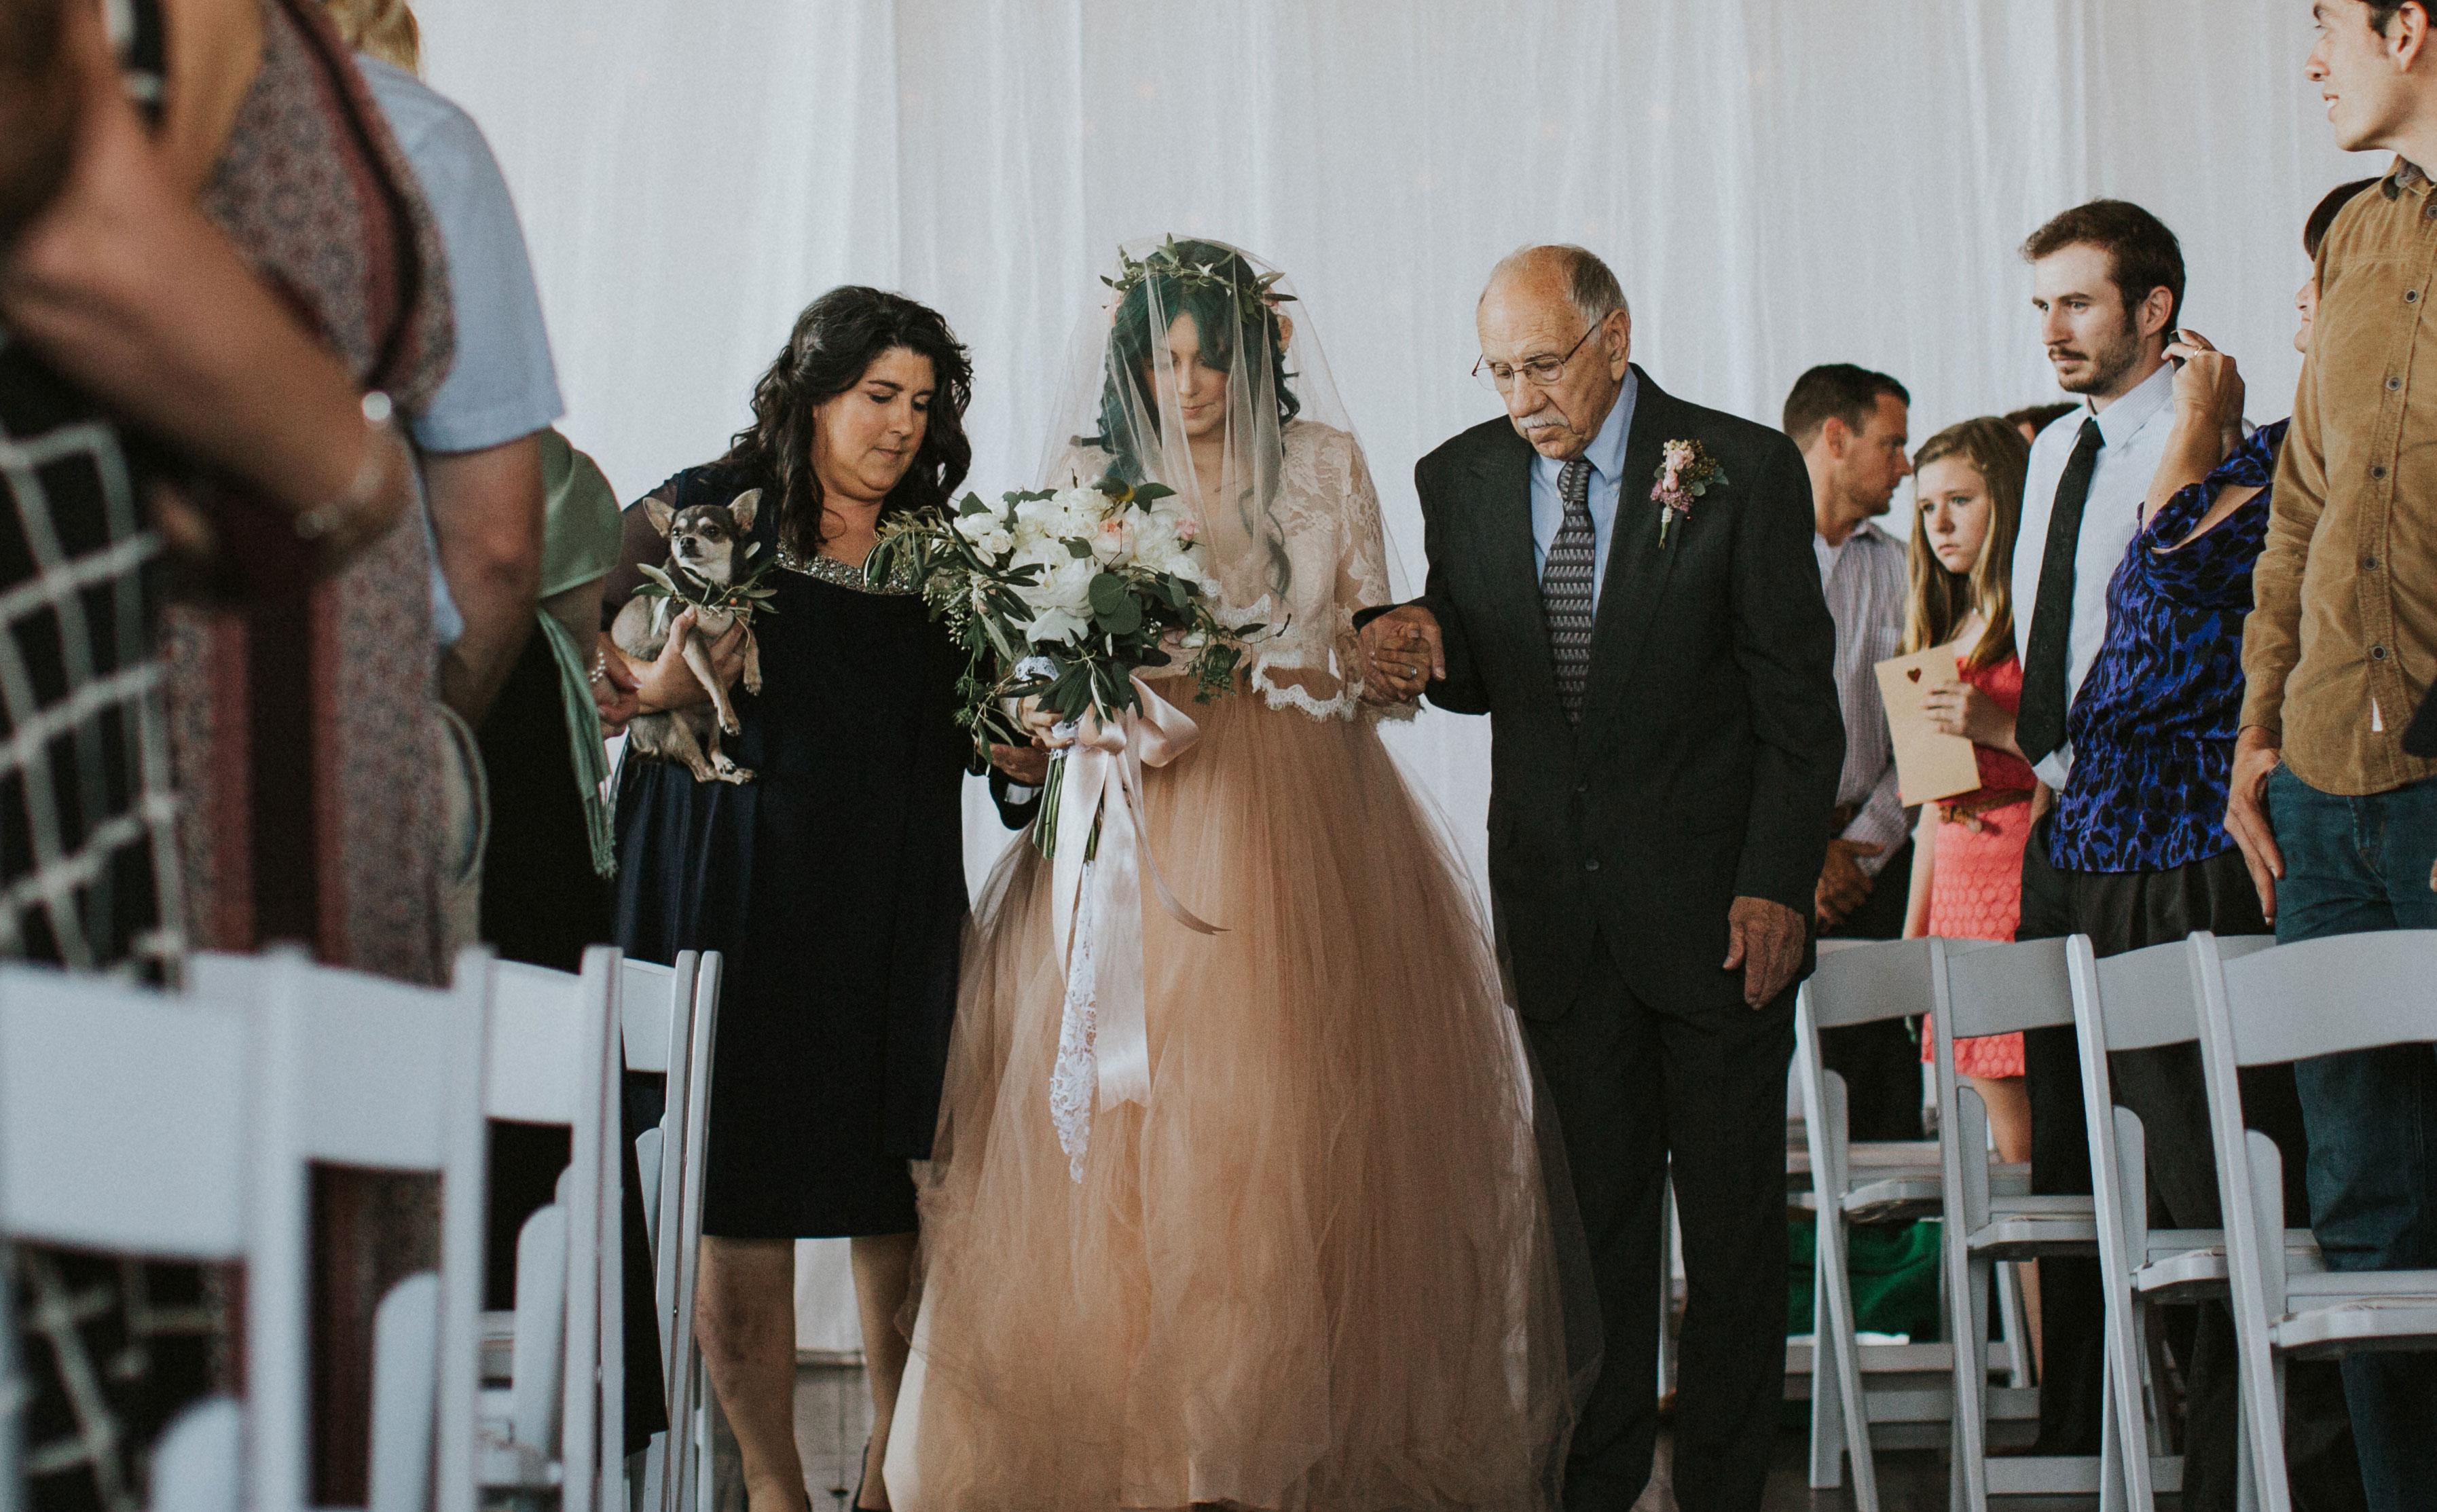 paralyzed bride walks down aisle with parents